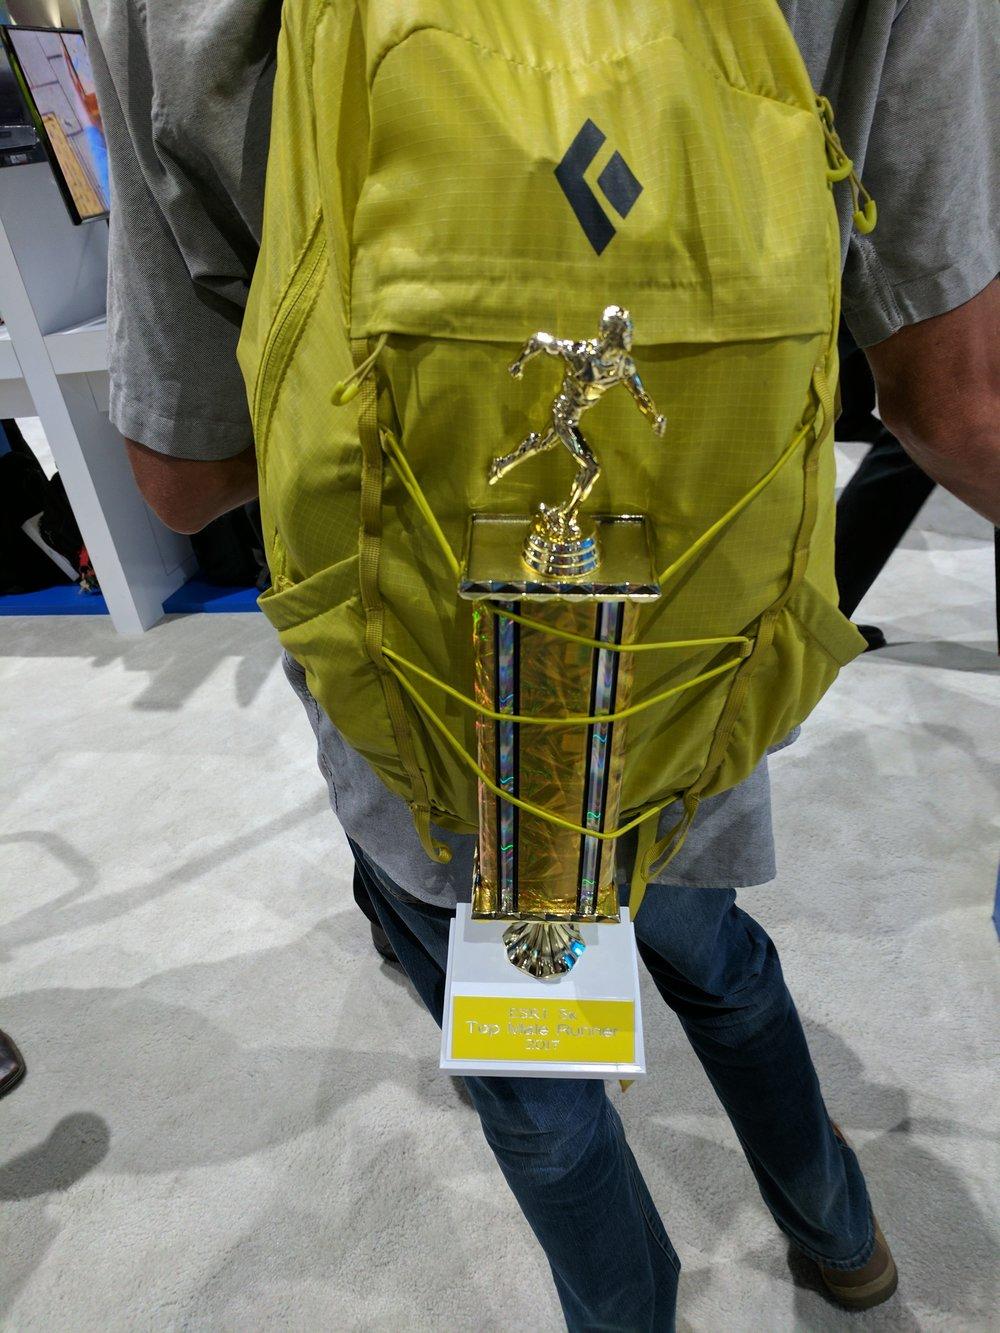 5K Champ